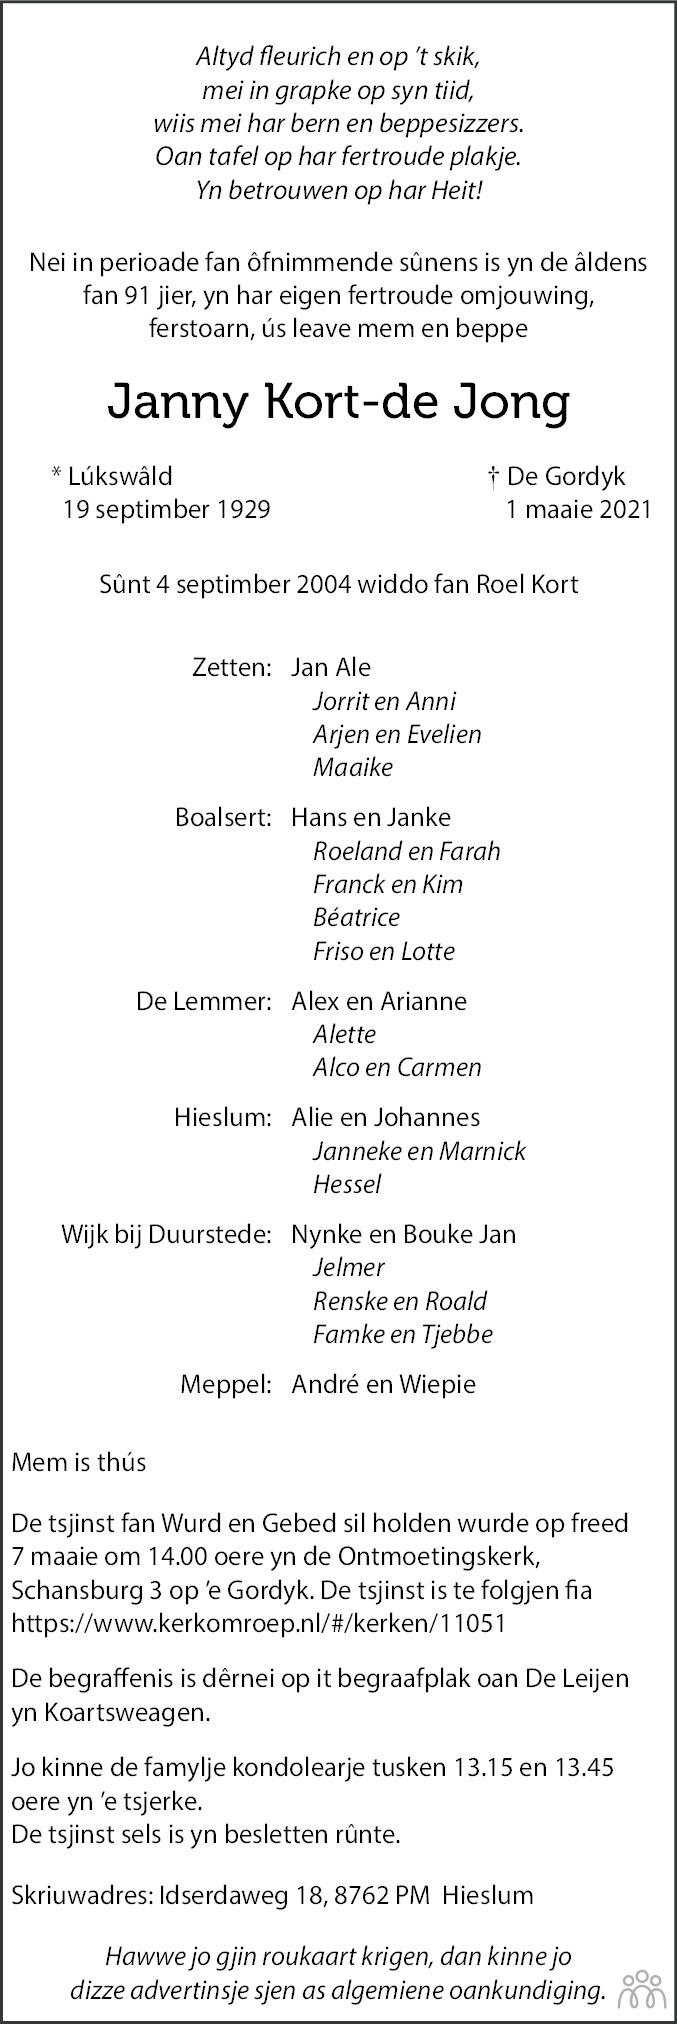 Overlijdensbericht van Janny Kort-de Jong in Leeuwarder Courant